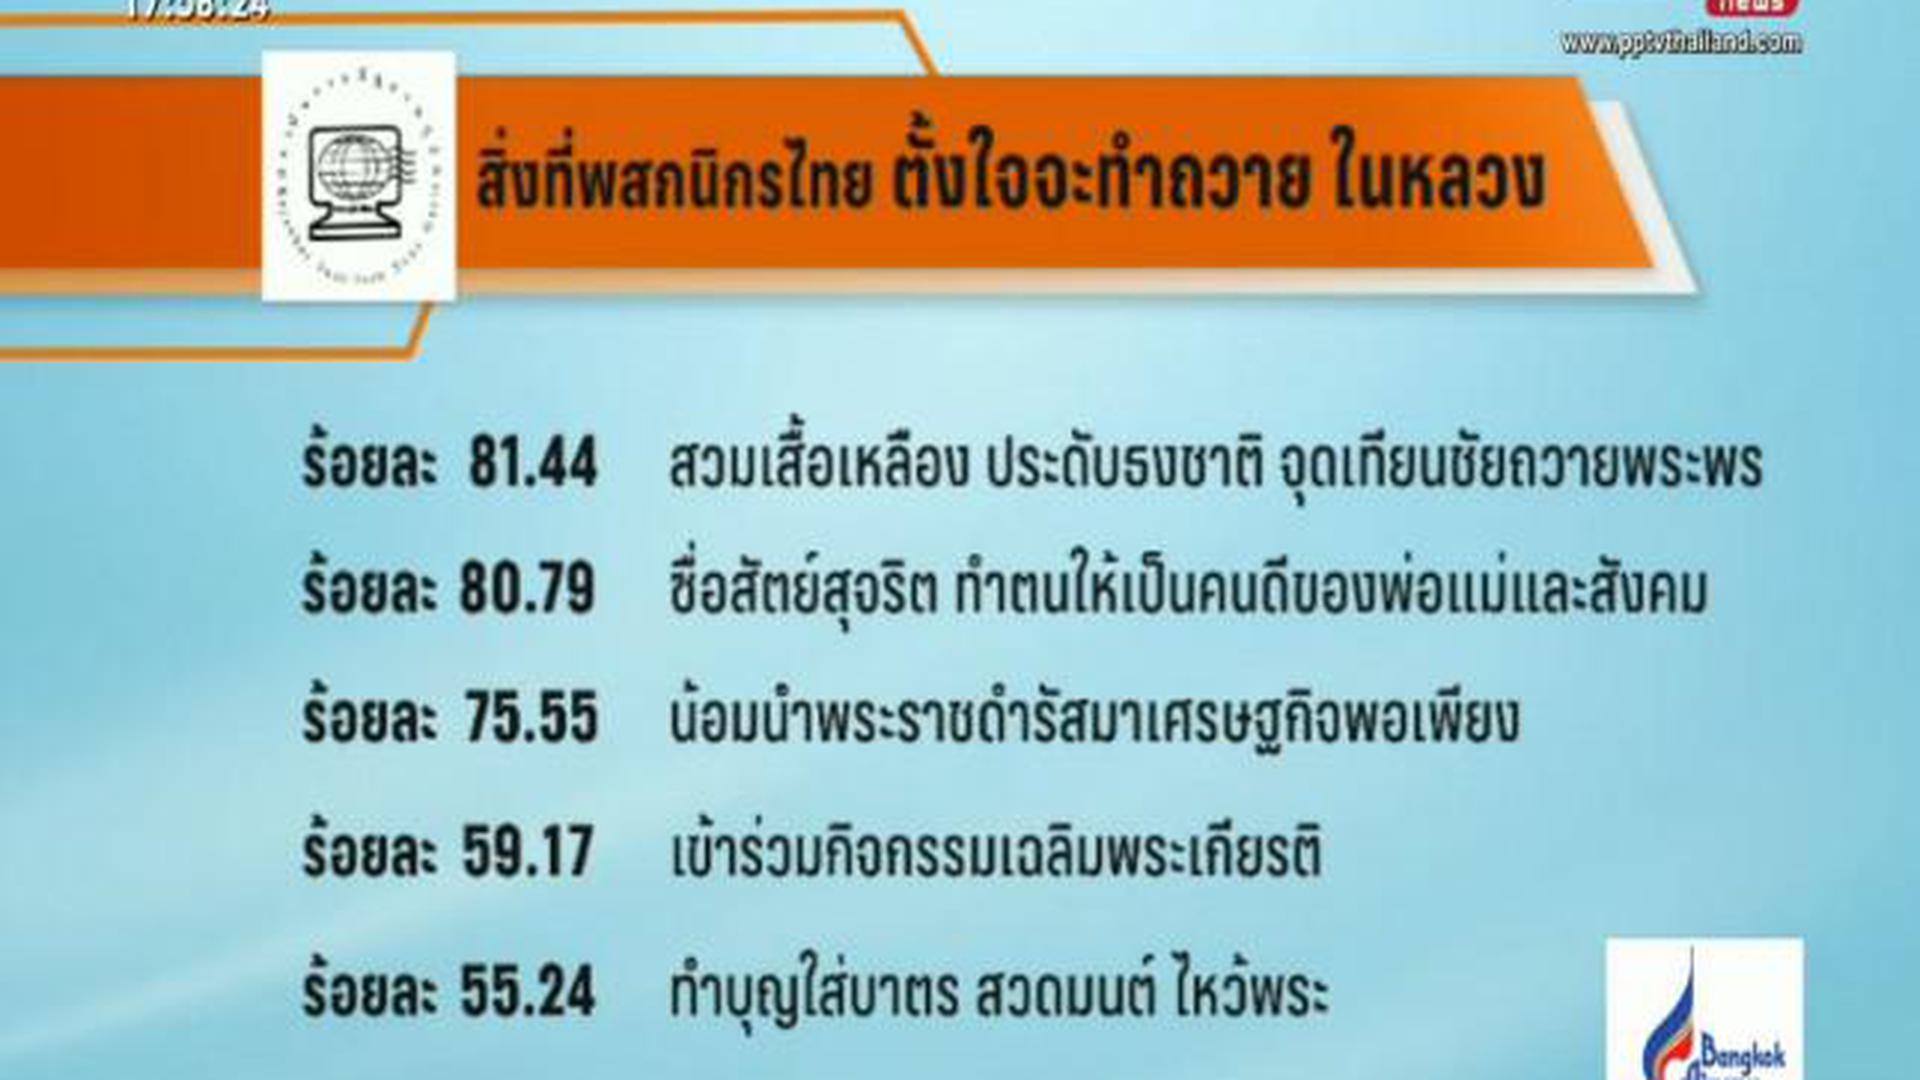 คนไทยพร้อมใจทำความดีเพื่อพ่อหลวง